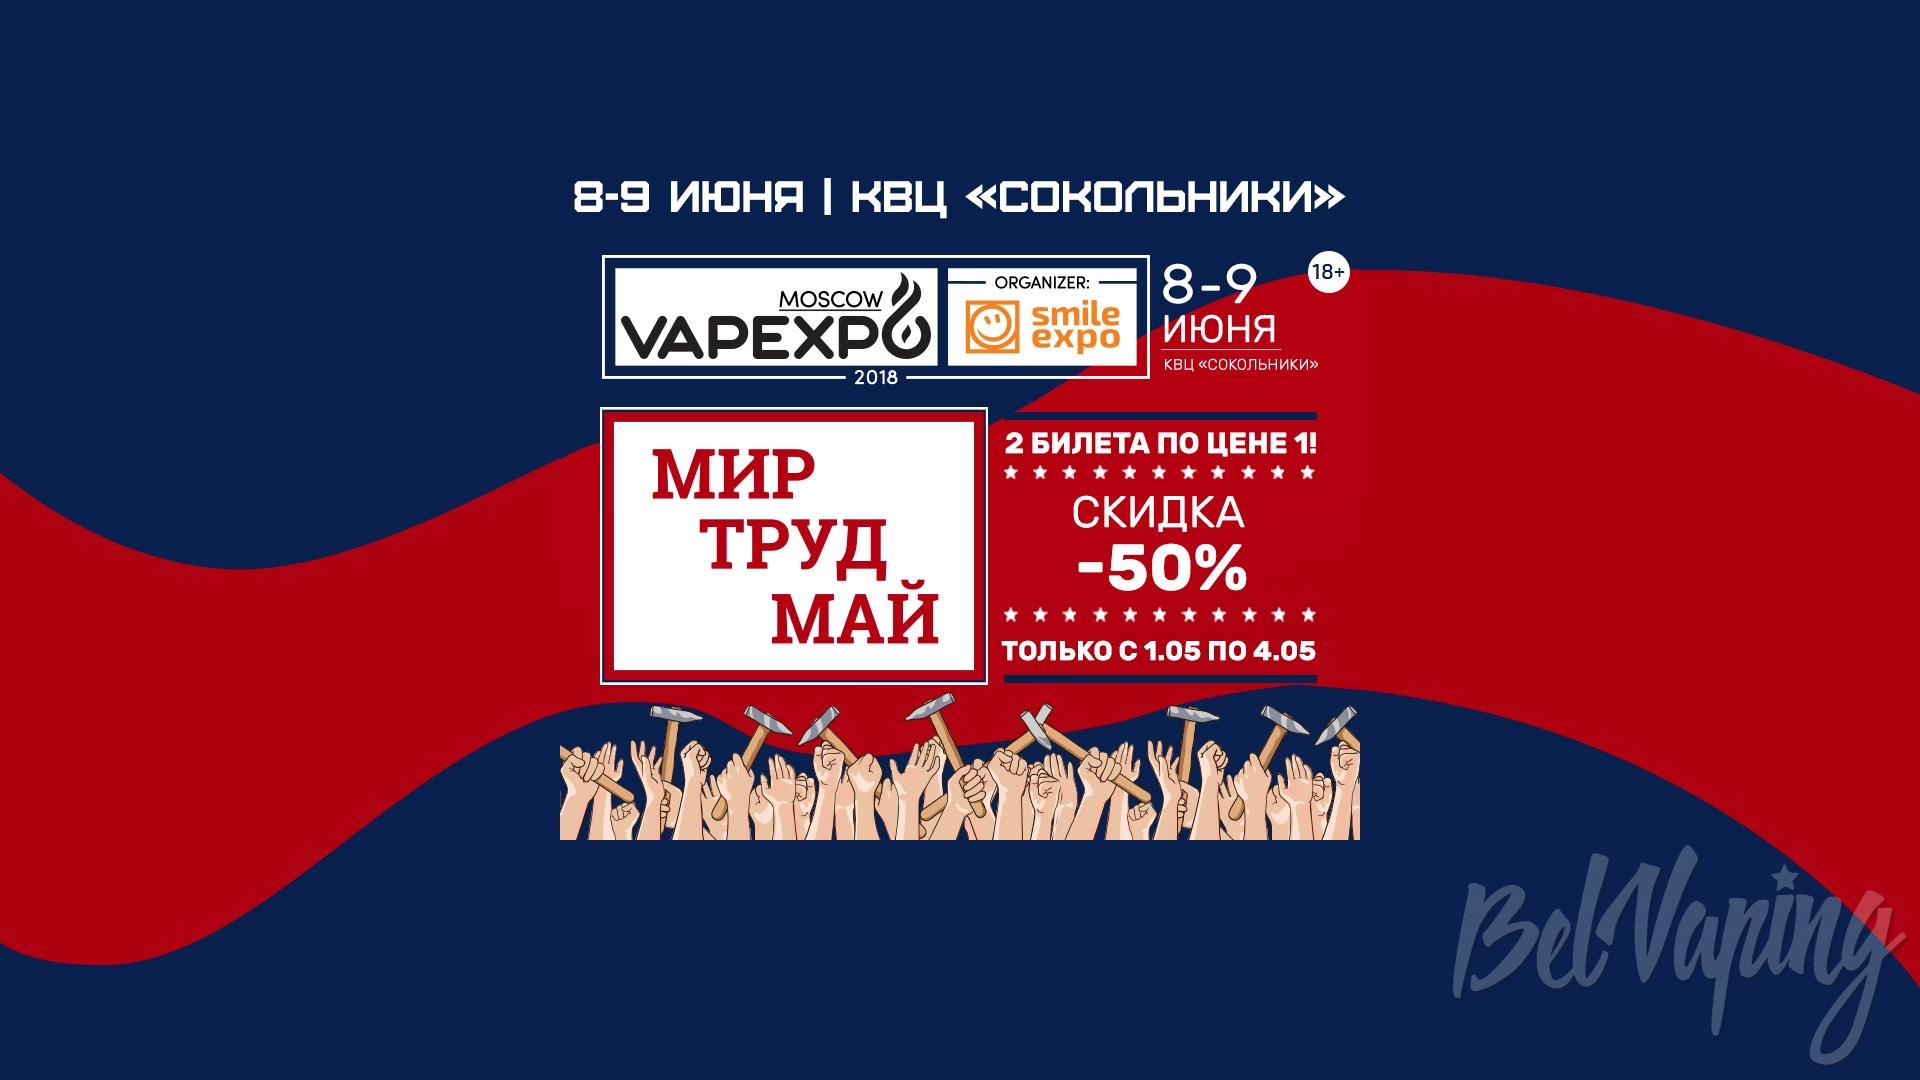 Скидка на билет Vapexpo Moscow 2018